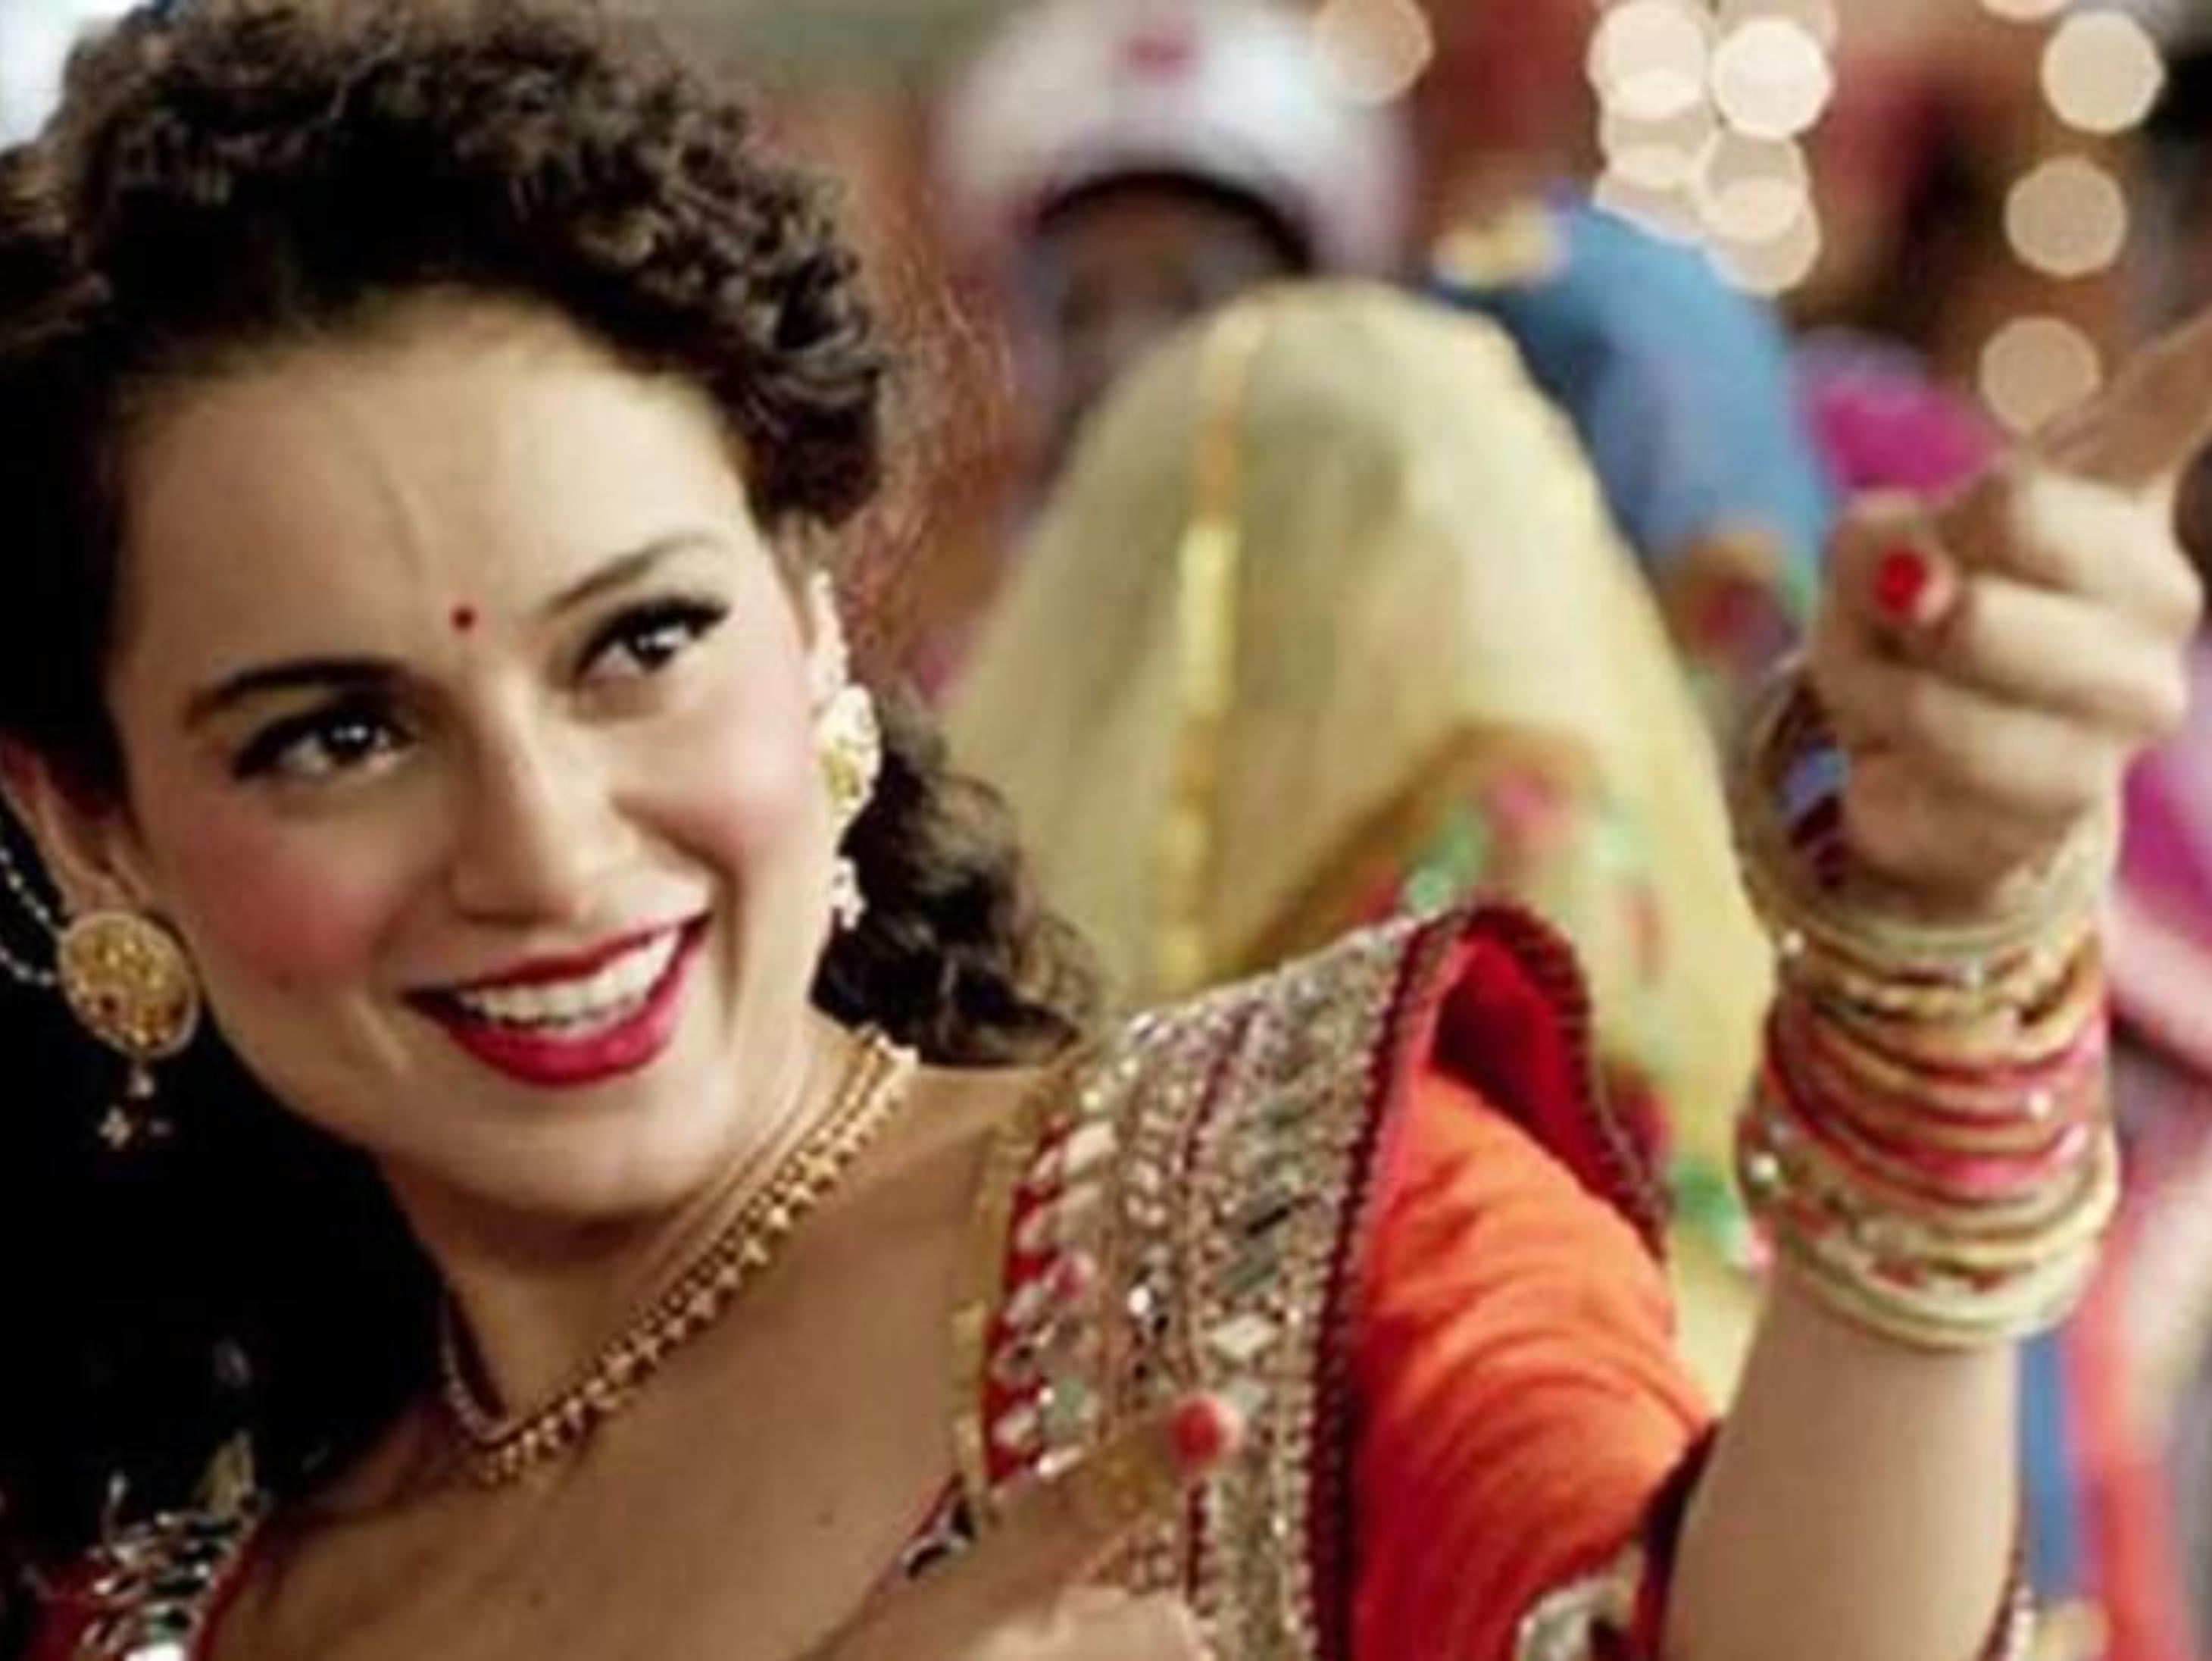 बॉम्बे हाईकोर्ट का एक्ट्रेस के पासपोर्ट रिनुअल केस में जावेद अख्तर की याचिका सुनने से इनकार, कंगना ने कहा- थैंक यू बॉलीवुड,Bollywood - Dainik Bhaskar